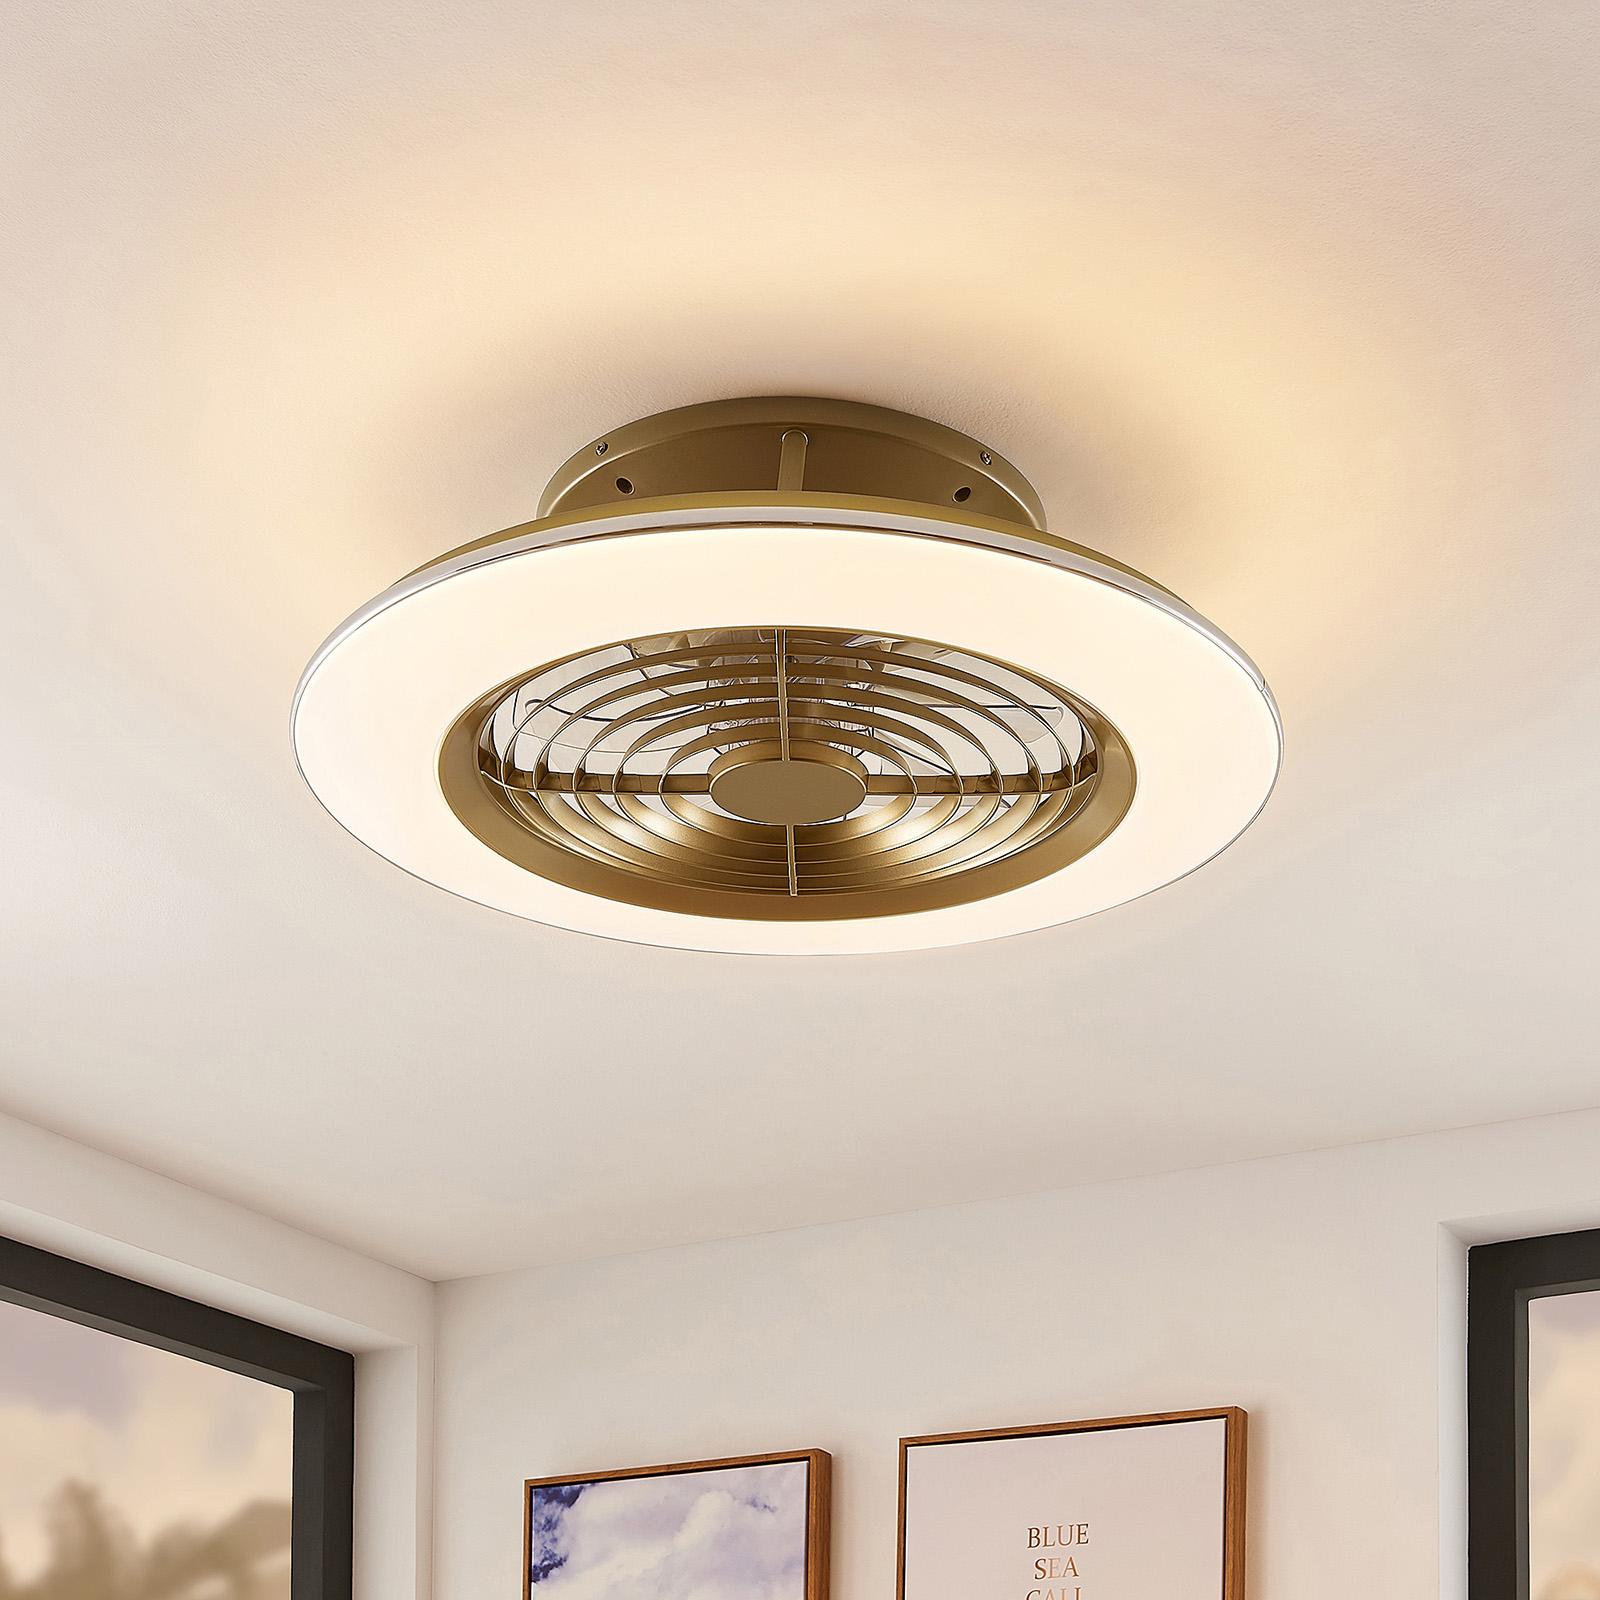 Arcchio Fenio LED-Deckenventilator mit Licht, gold